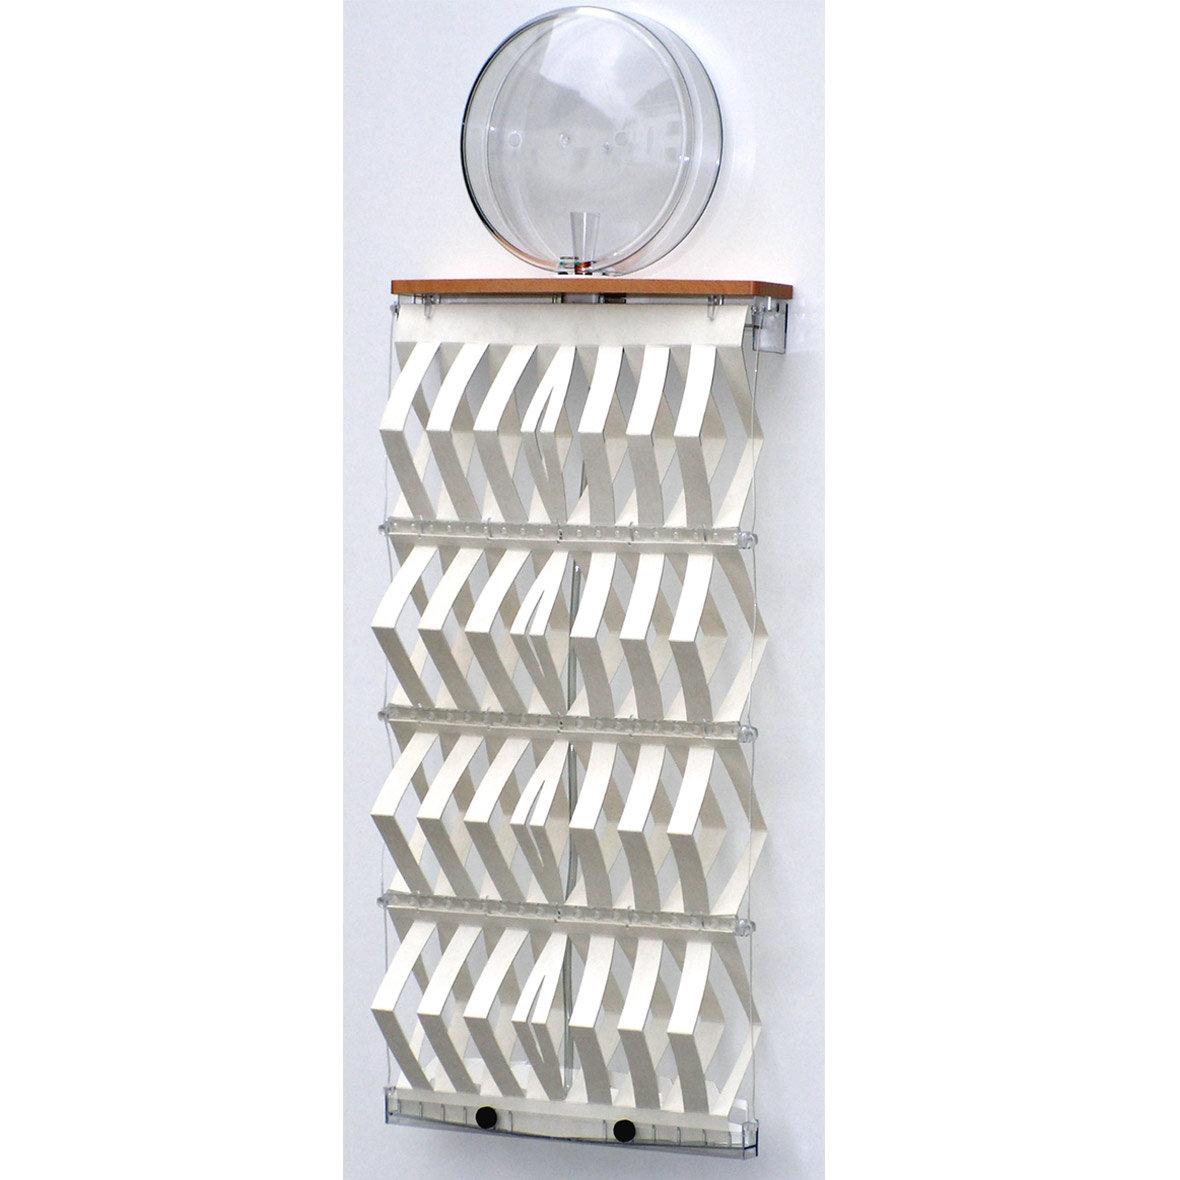 3D Luftbefeuchter ohne Strom von Necono, Pergament